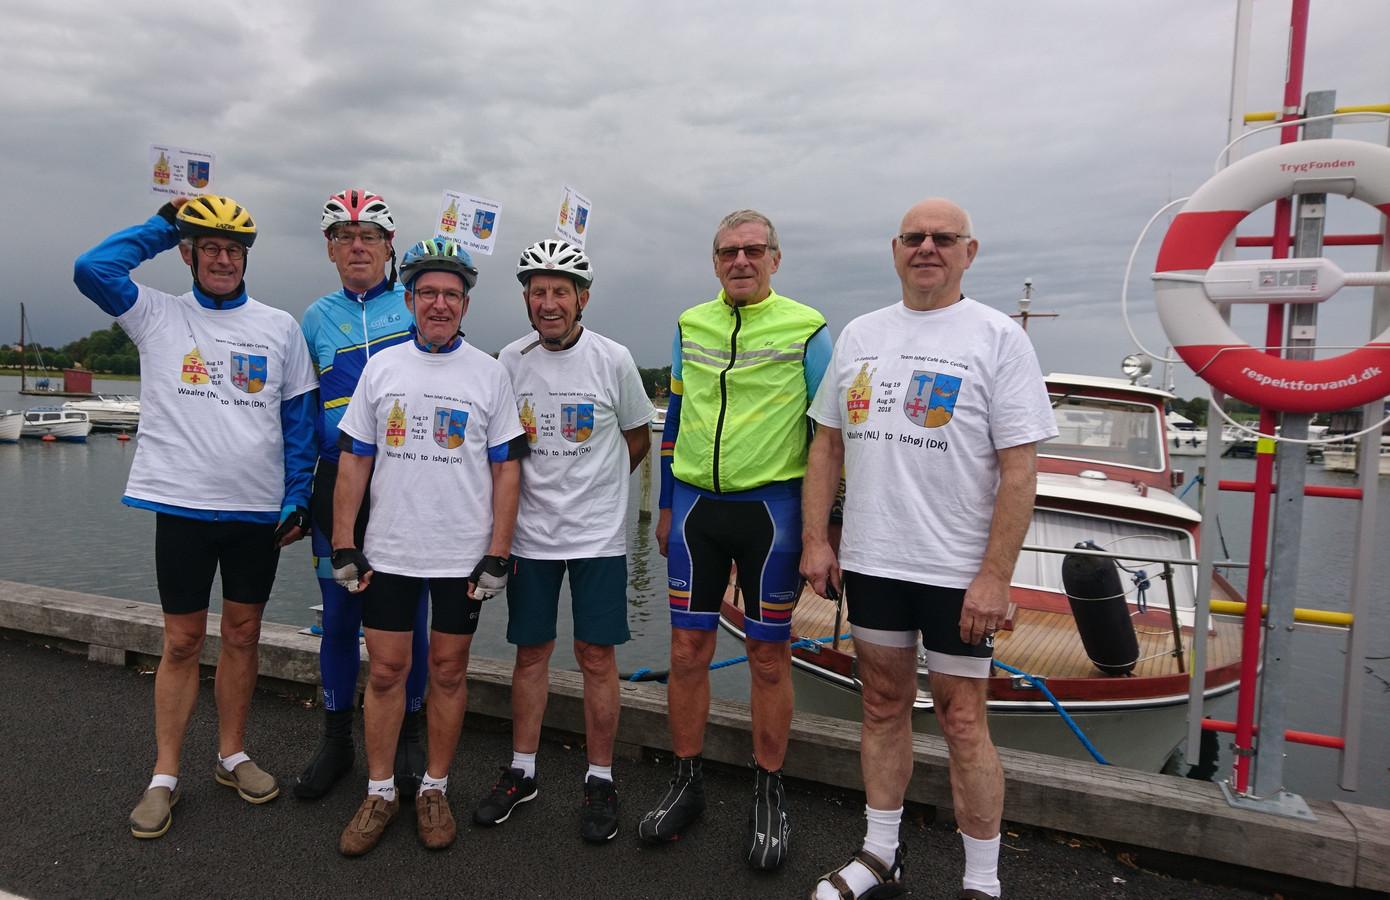 De Waalrese fietsers kregen op het laatste stuk van hun tocht gezelschap van hun Deense gastheren. Vlnr: Sjef van Geffen, Torkil Petersen, Toon Rooijakkers, Jan Groenen, Poul Erik Hansen en Jan Lavrijssen.